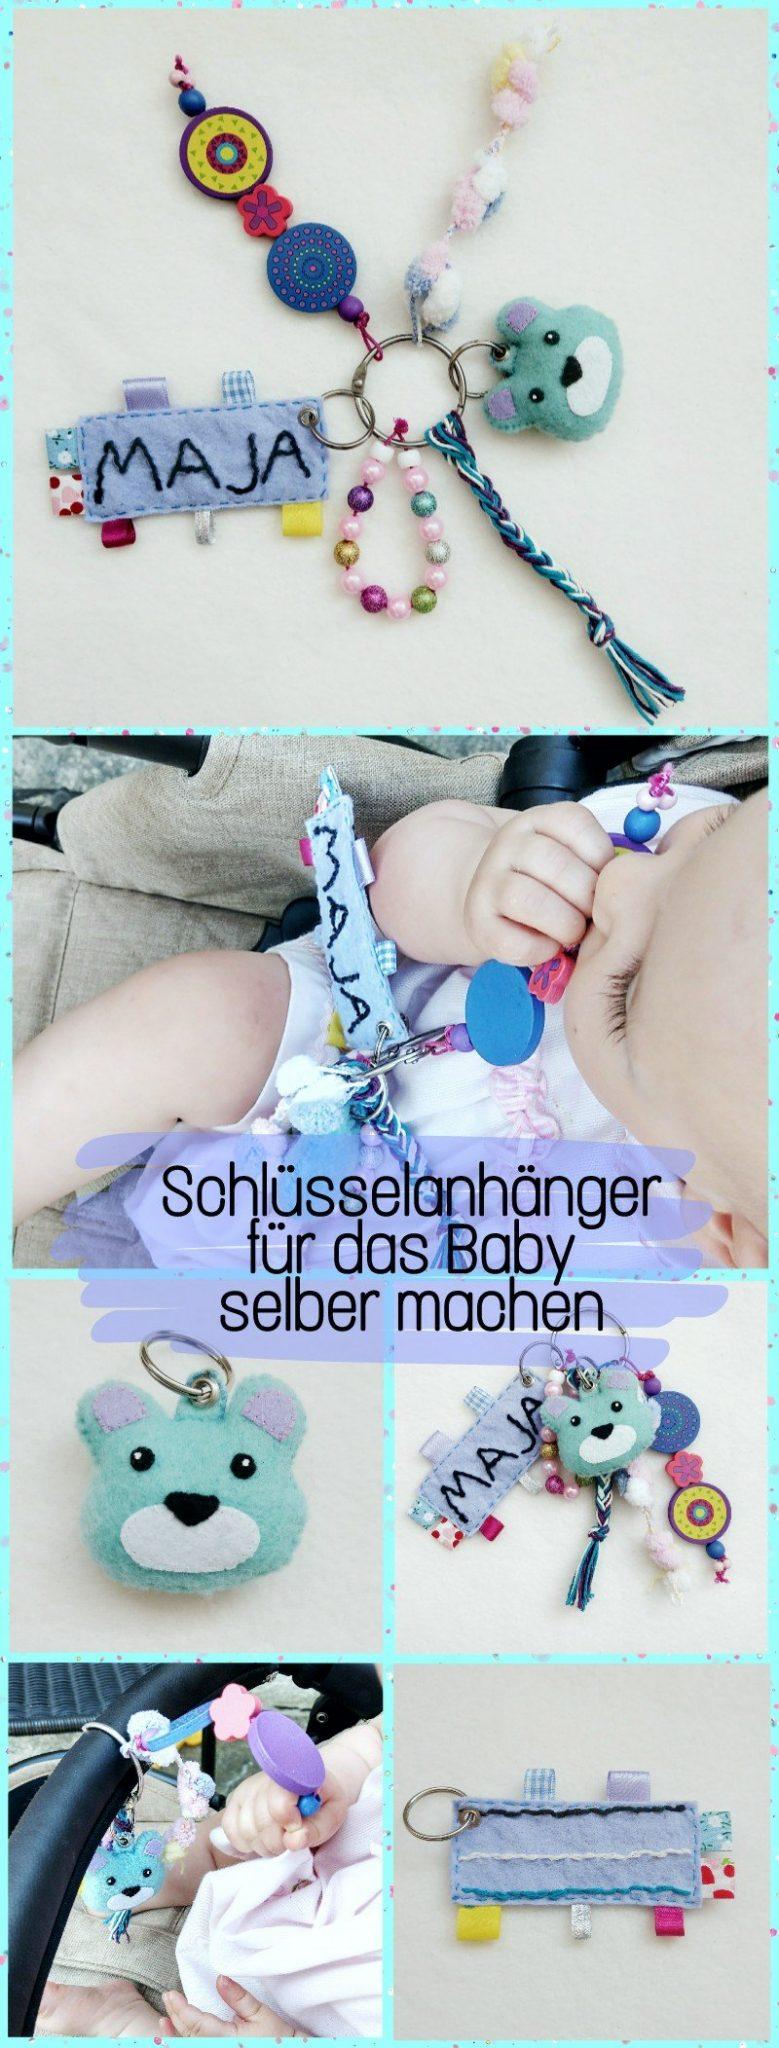 Hier zeige ich euch wie ihr einen tollen Schlüsselbund für euer Baby selber machen könnt. Da gibt es was zu sehen, zu fühlen, zu hören und zu spielen. Eine Beschäftigung für Baby's für zwischendurch. Auch ein tolles DIY Geburts-Geschenk für Neugeborene Babys.